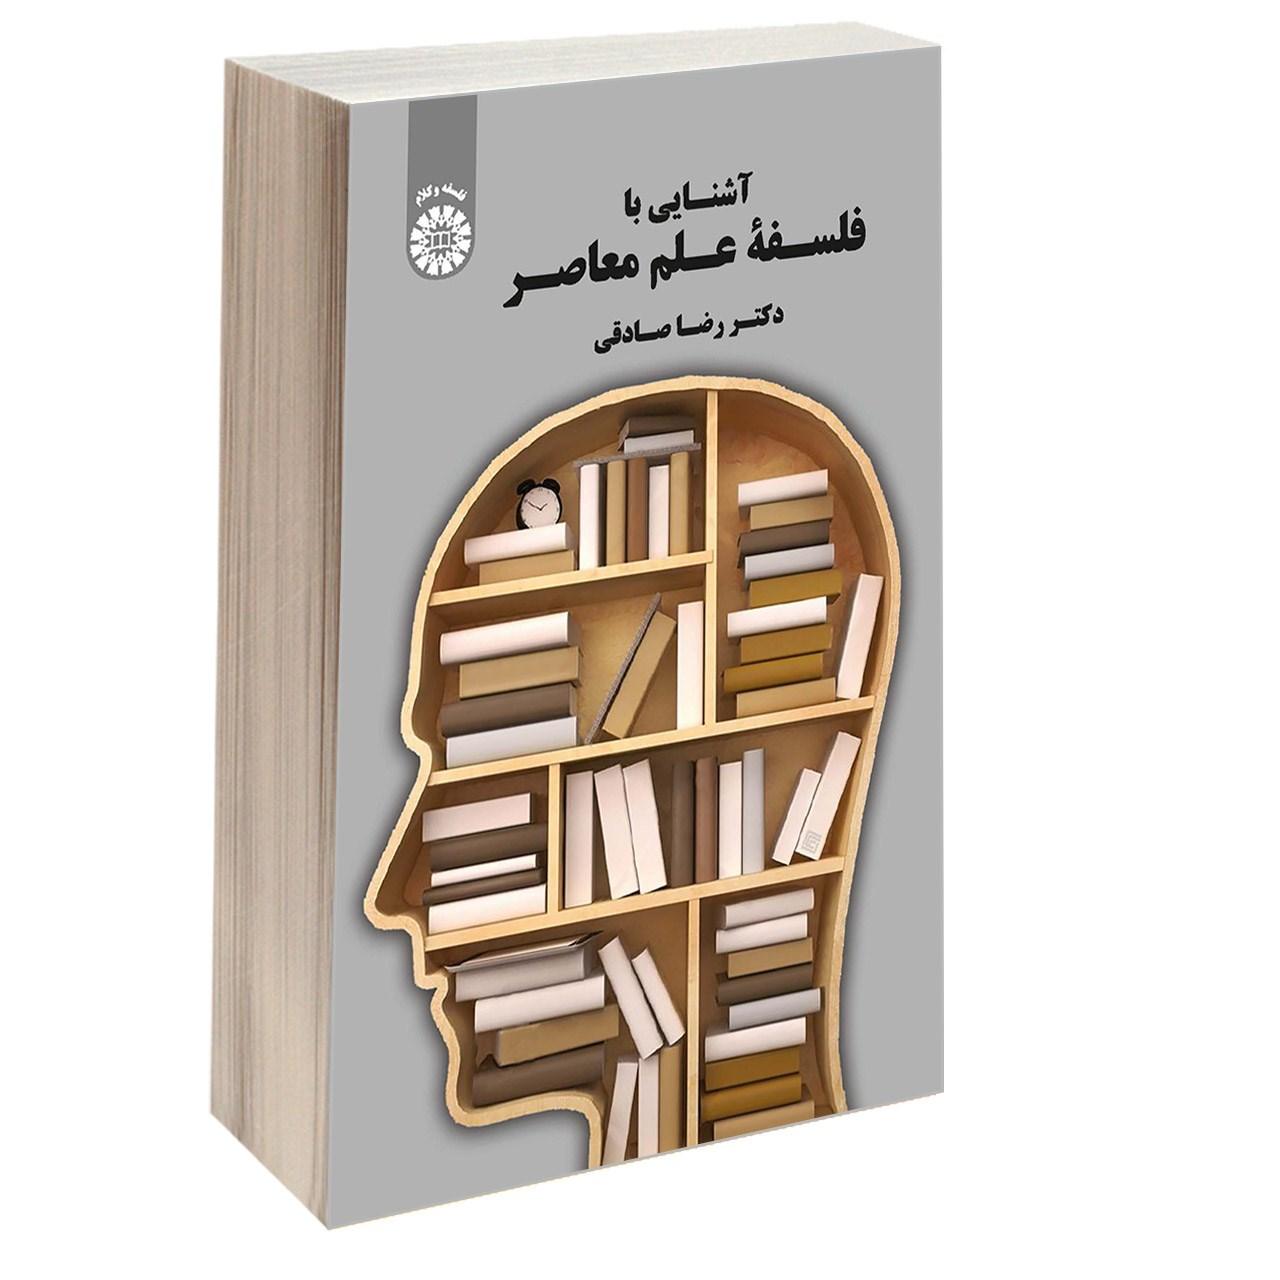 خرید                      کتاب آشنایی با فلسفه علم معاصر اثر دکتر رضا صادقی نشر سمت